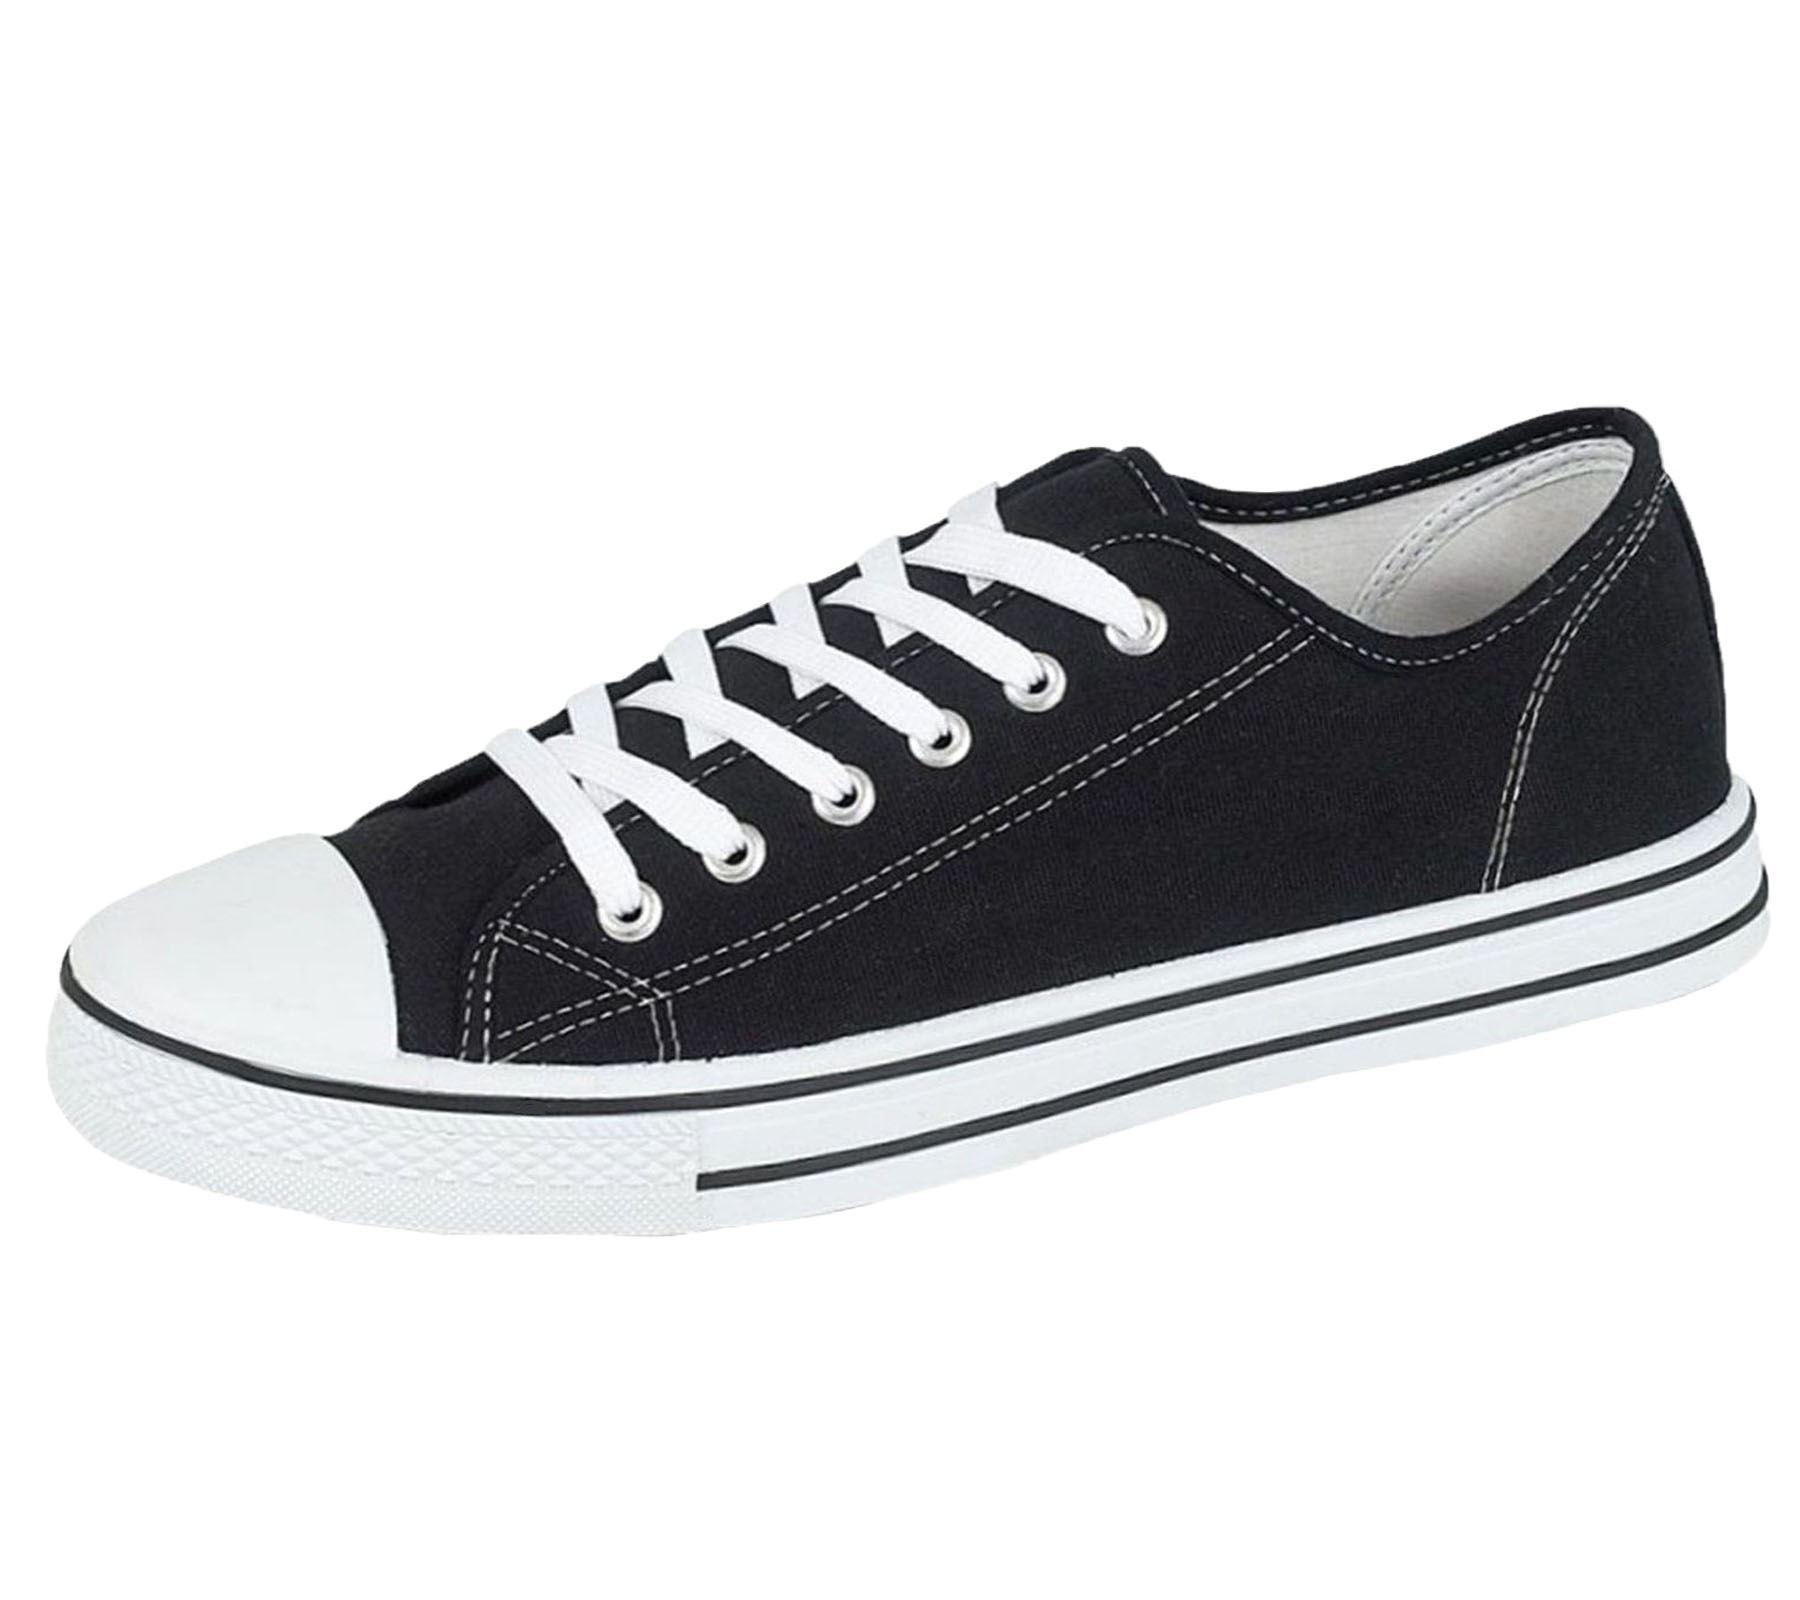 Mens-Canvas-Shoes-Plimsole-Trainer-Pumps-Lace-Up-Flat-Shoes thumbnail 10